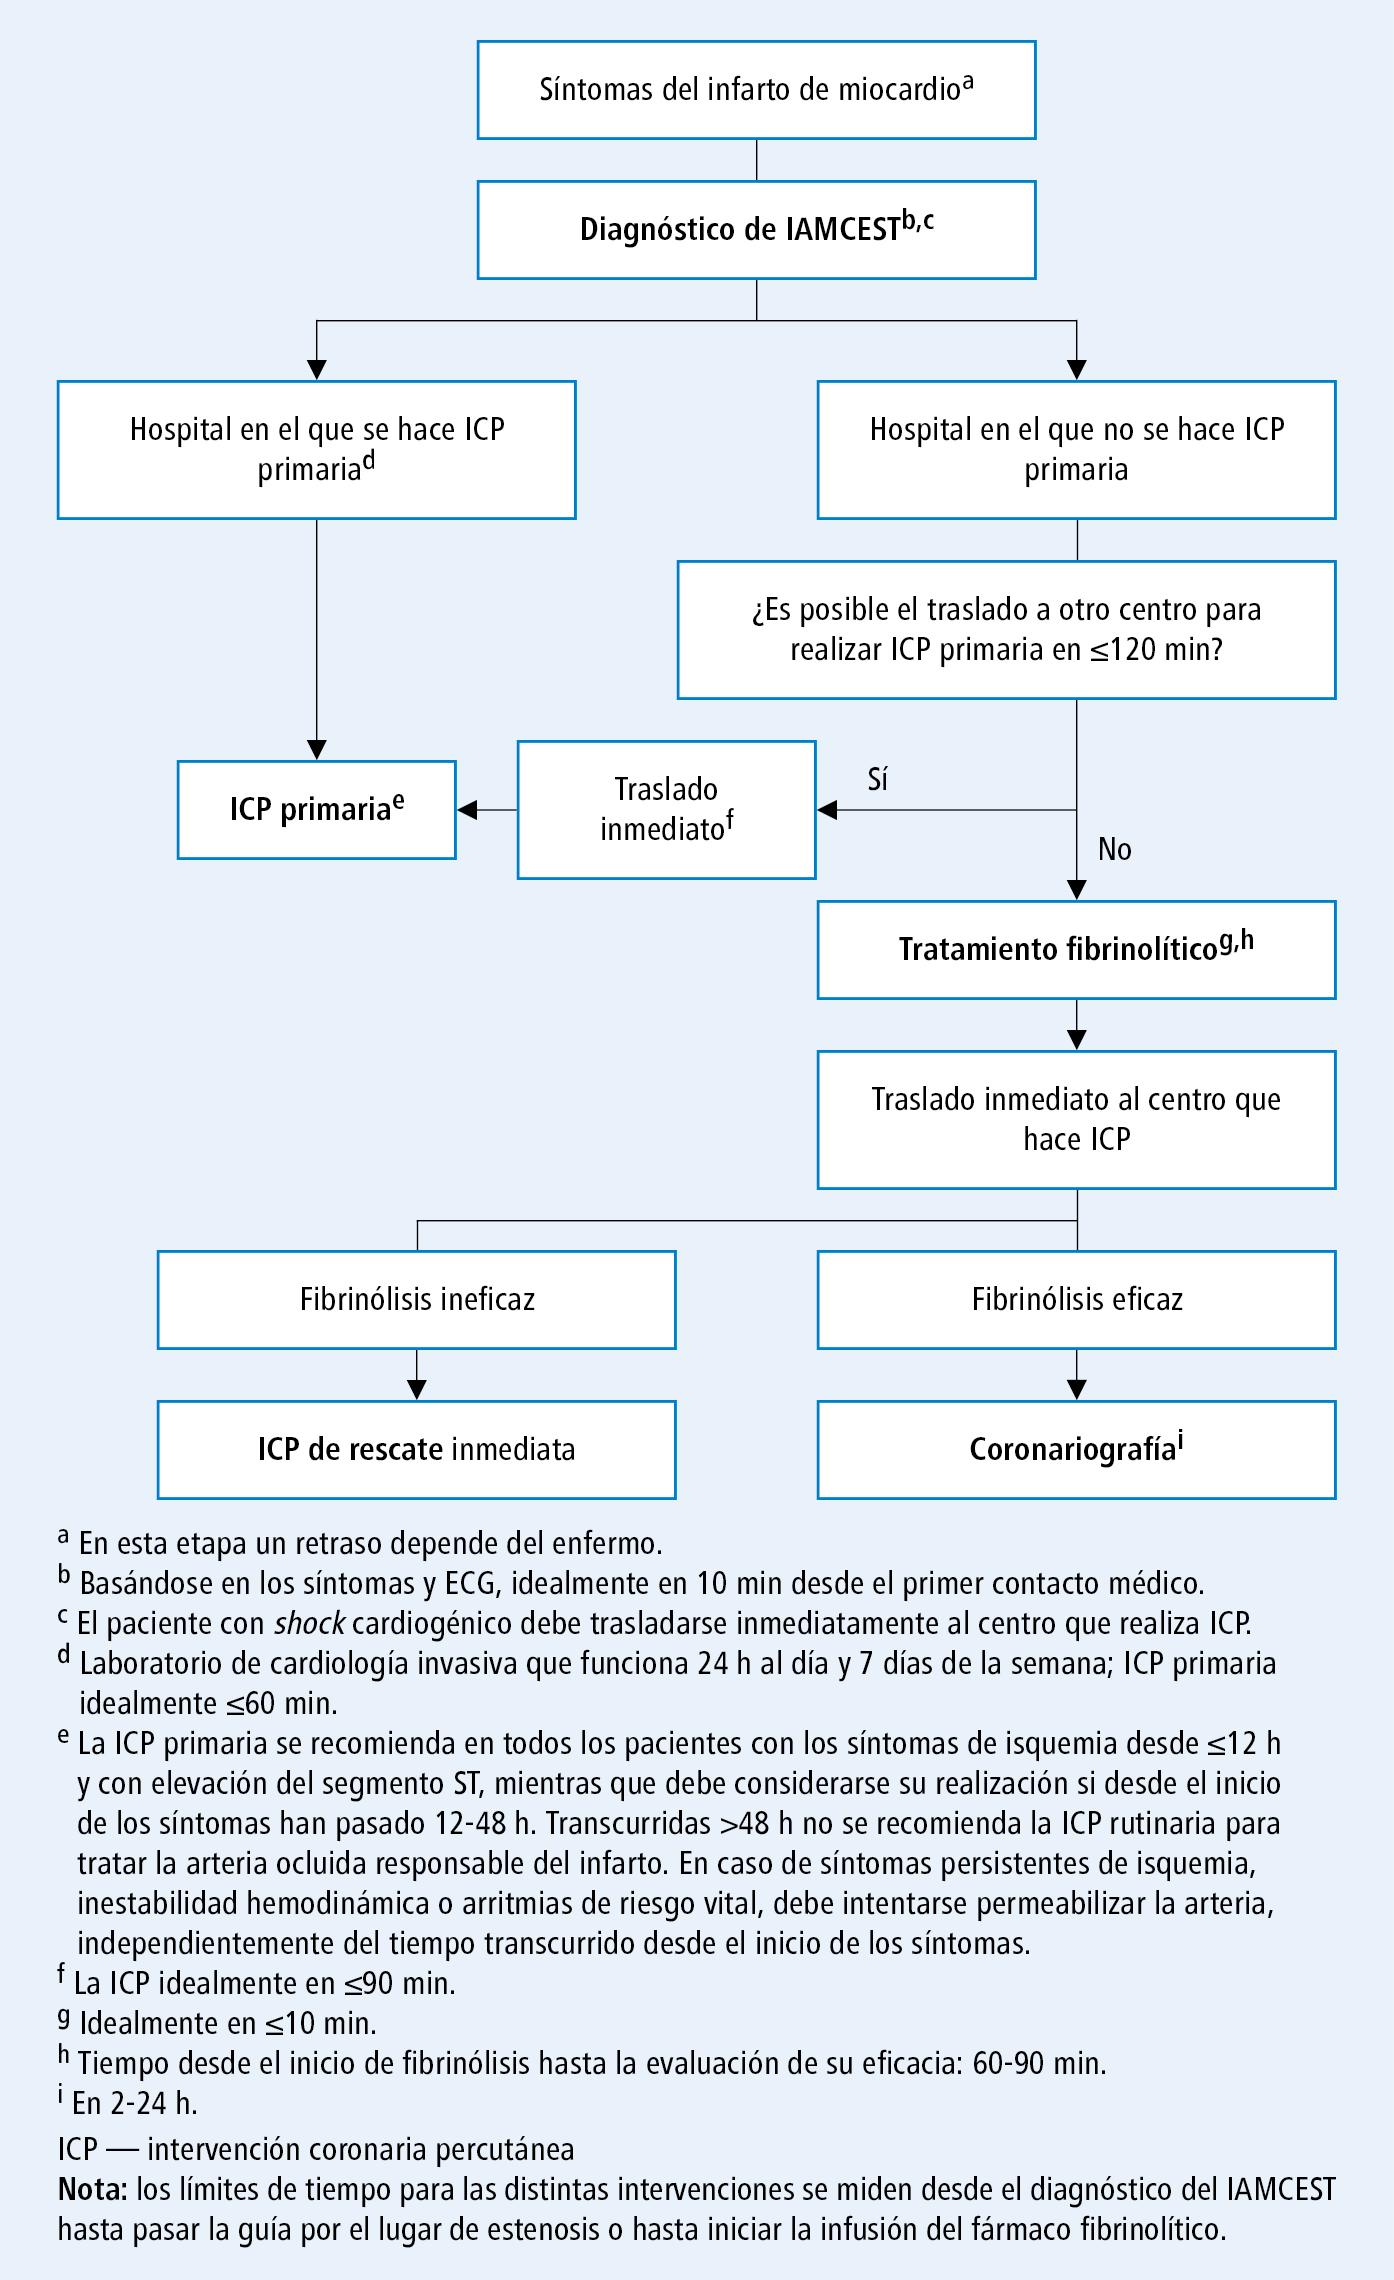 Algoritmo de manejo del infarto agudo de miocardio con elevación del segmento ST (IAMCEST) reciente (según las guías de la ESC 2017)